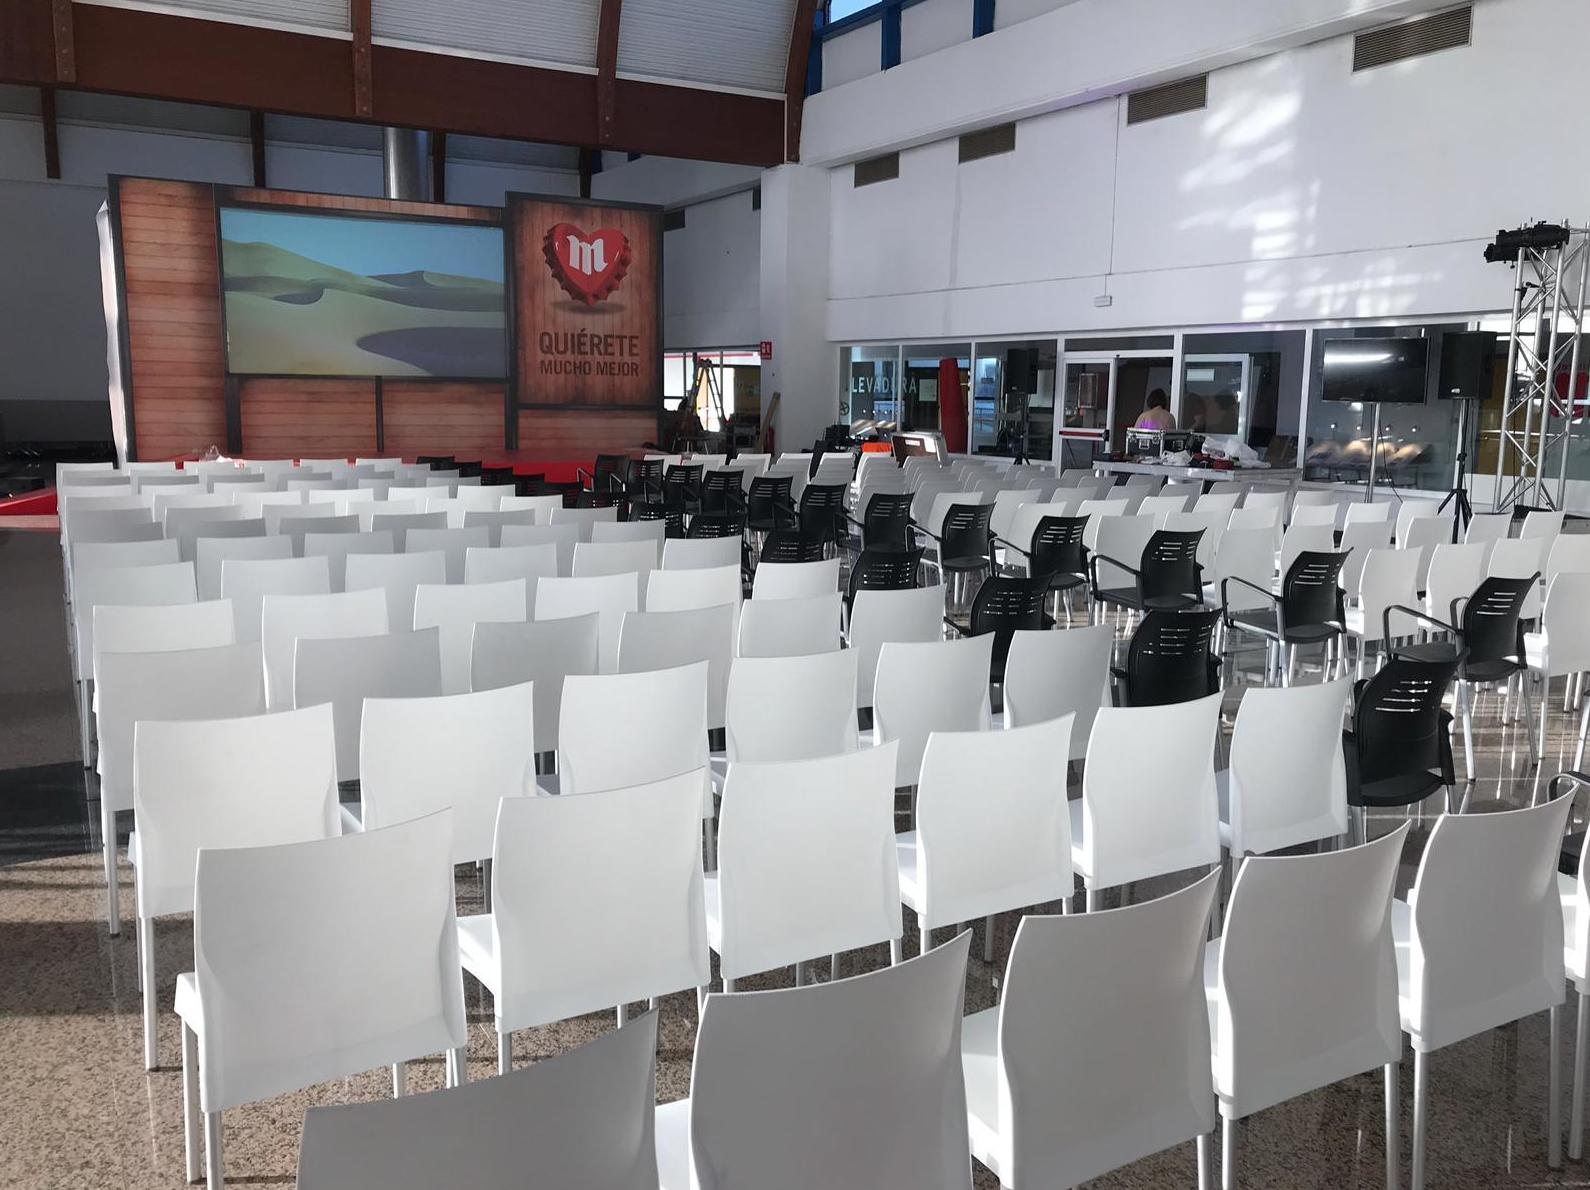 Alquiler de sillas evento Mahou